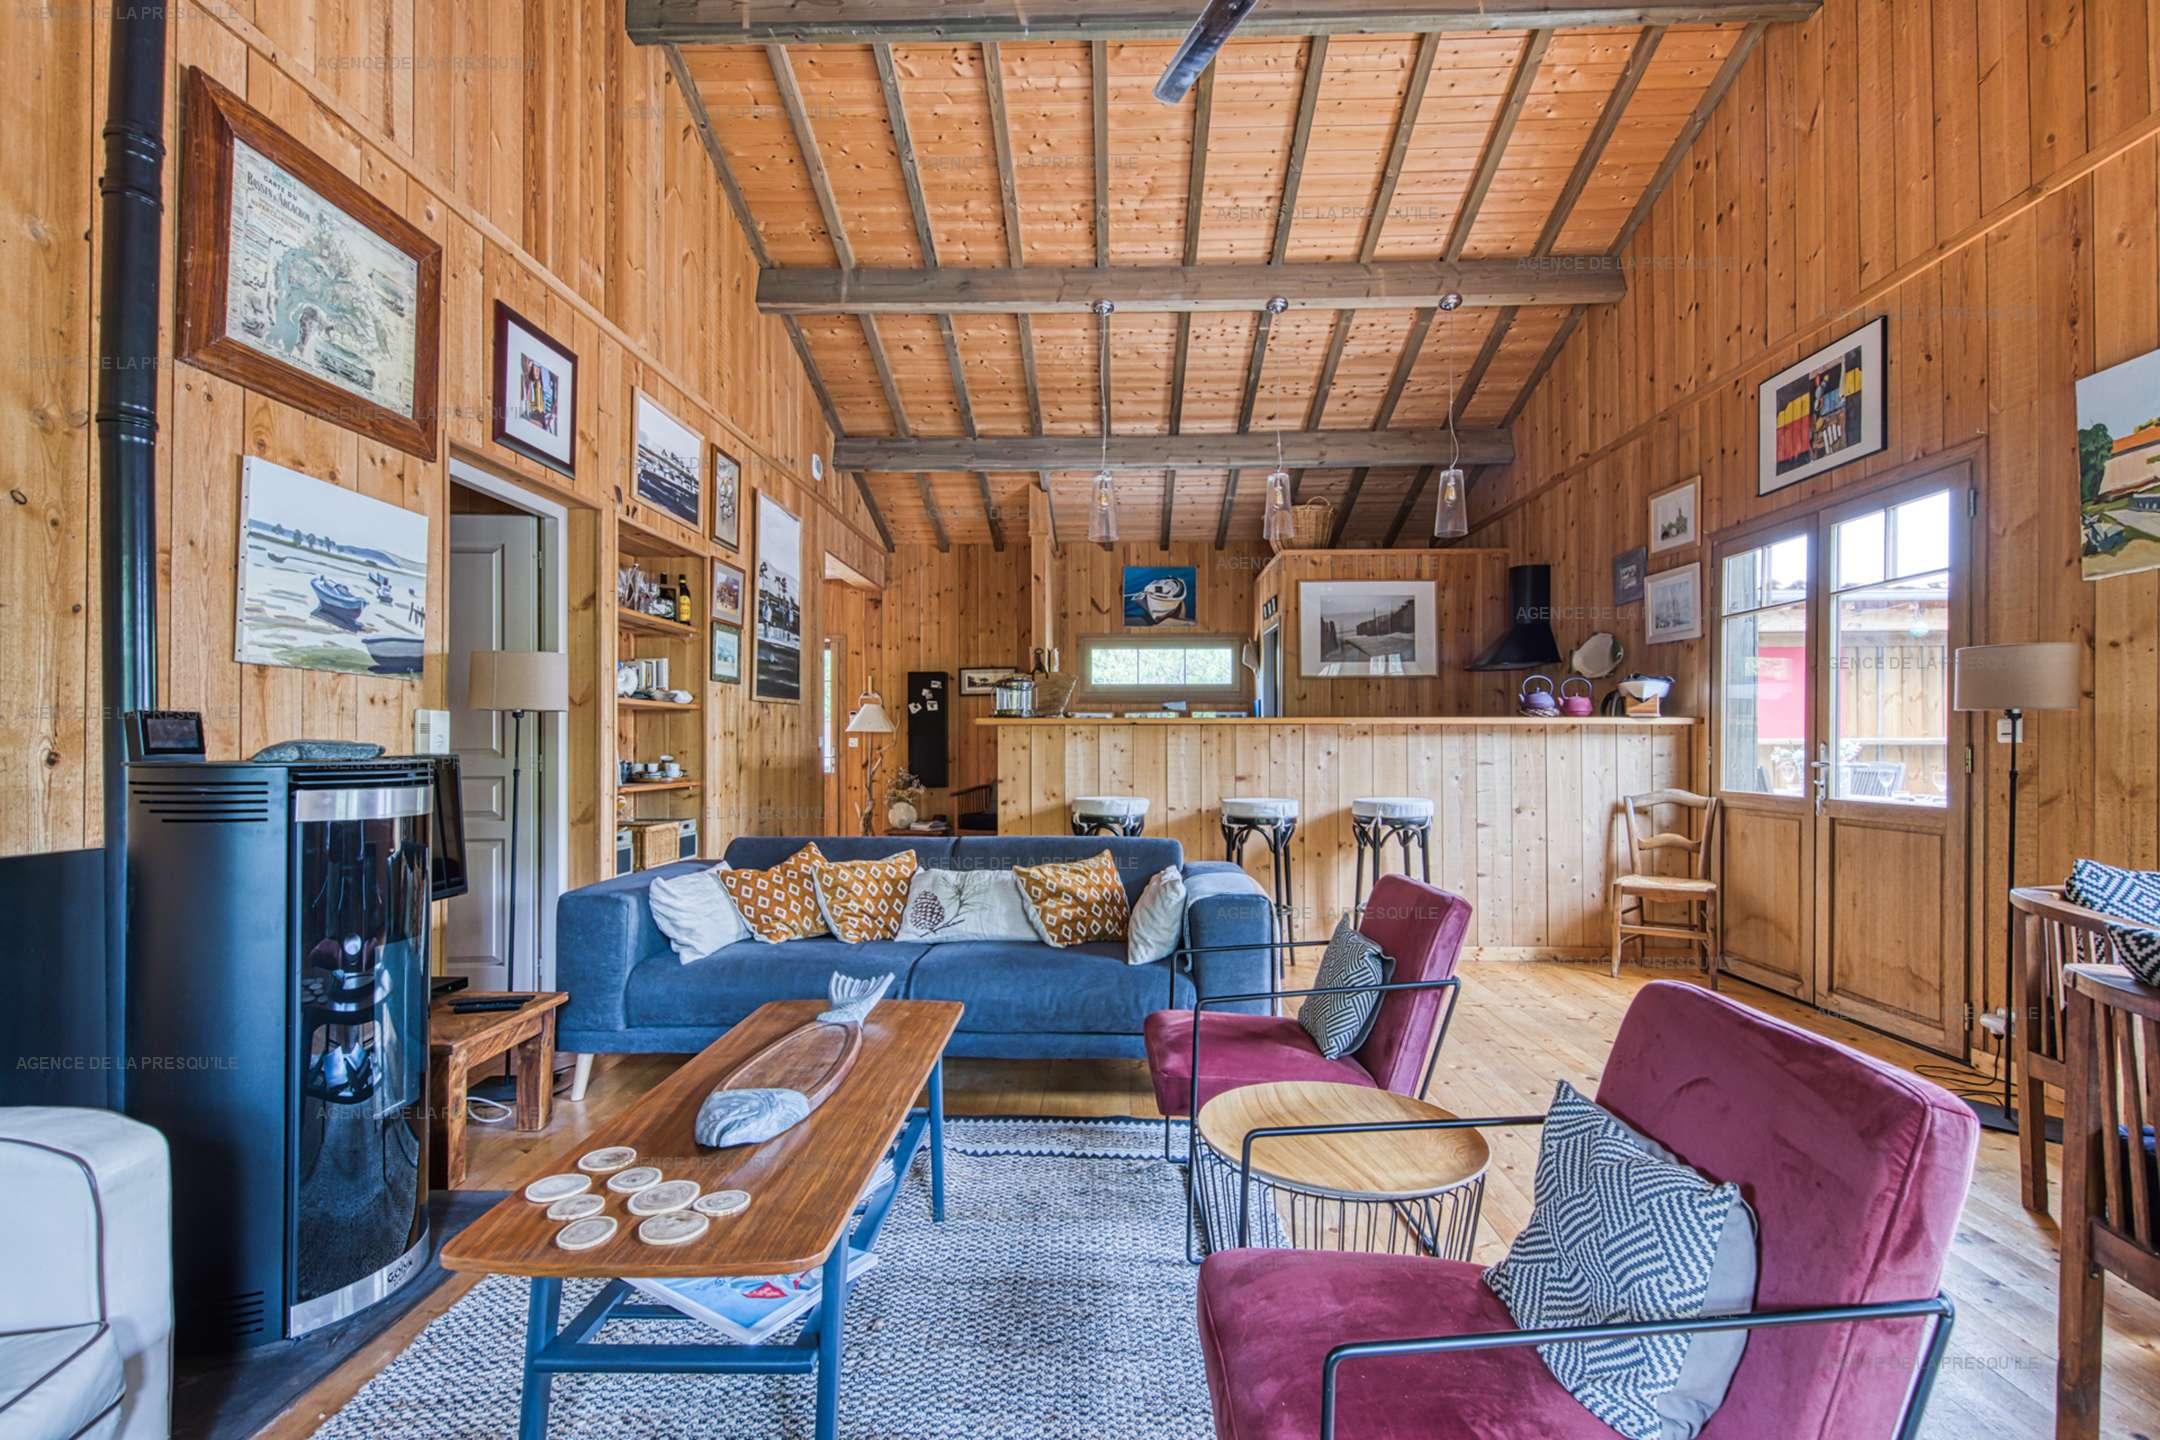 Location: Belle villa en bois au pied du phare 4